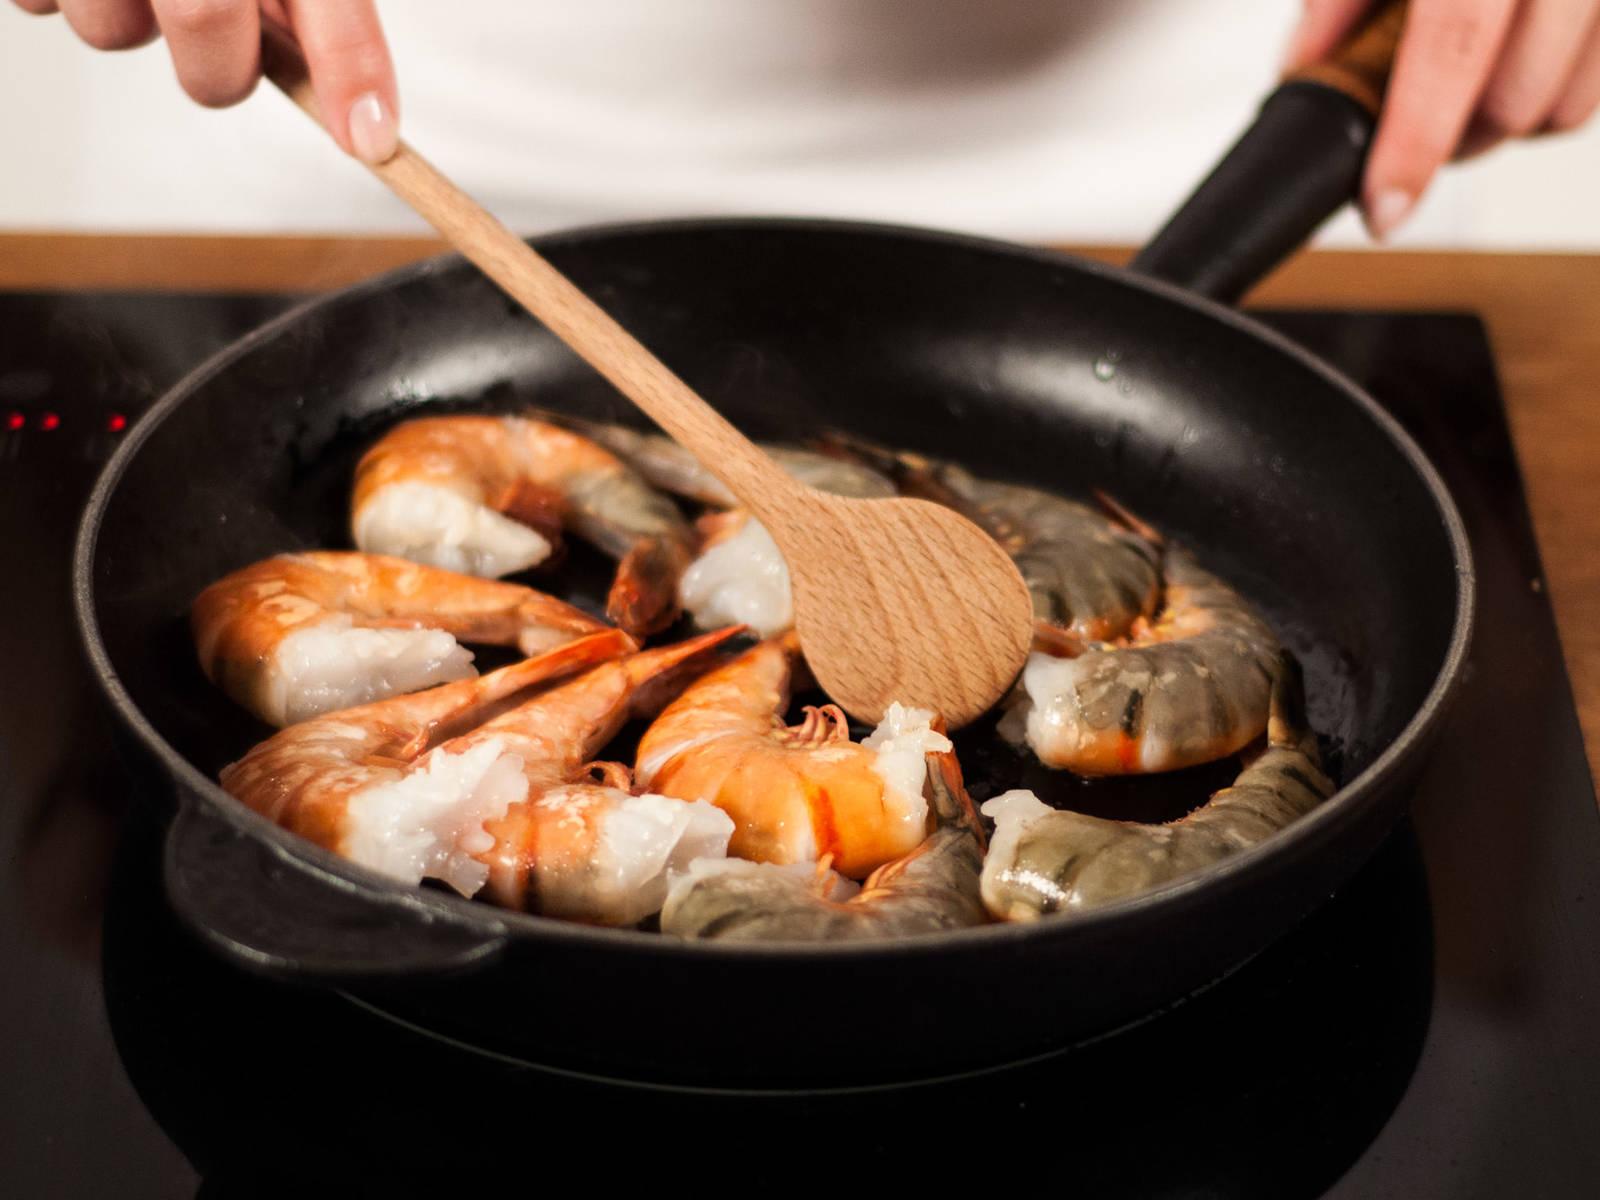 将植物油加入煎锅,用中火加热。放入大虾,将虾两面煎至变红,共约1一2分钟。